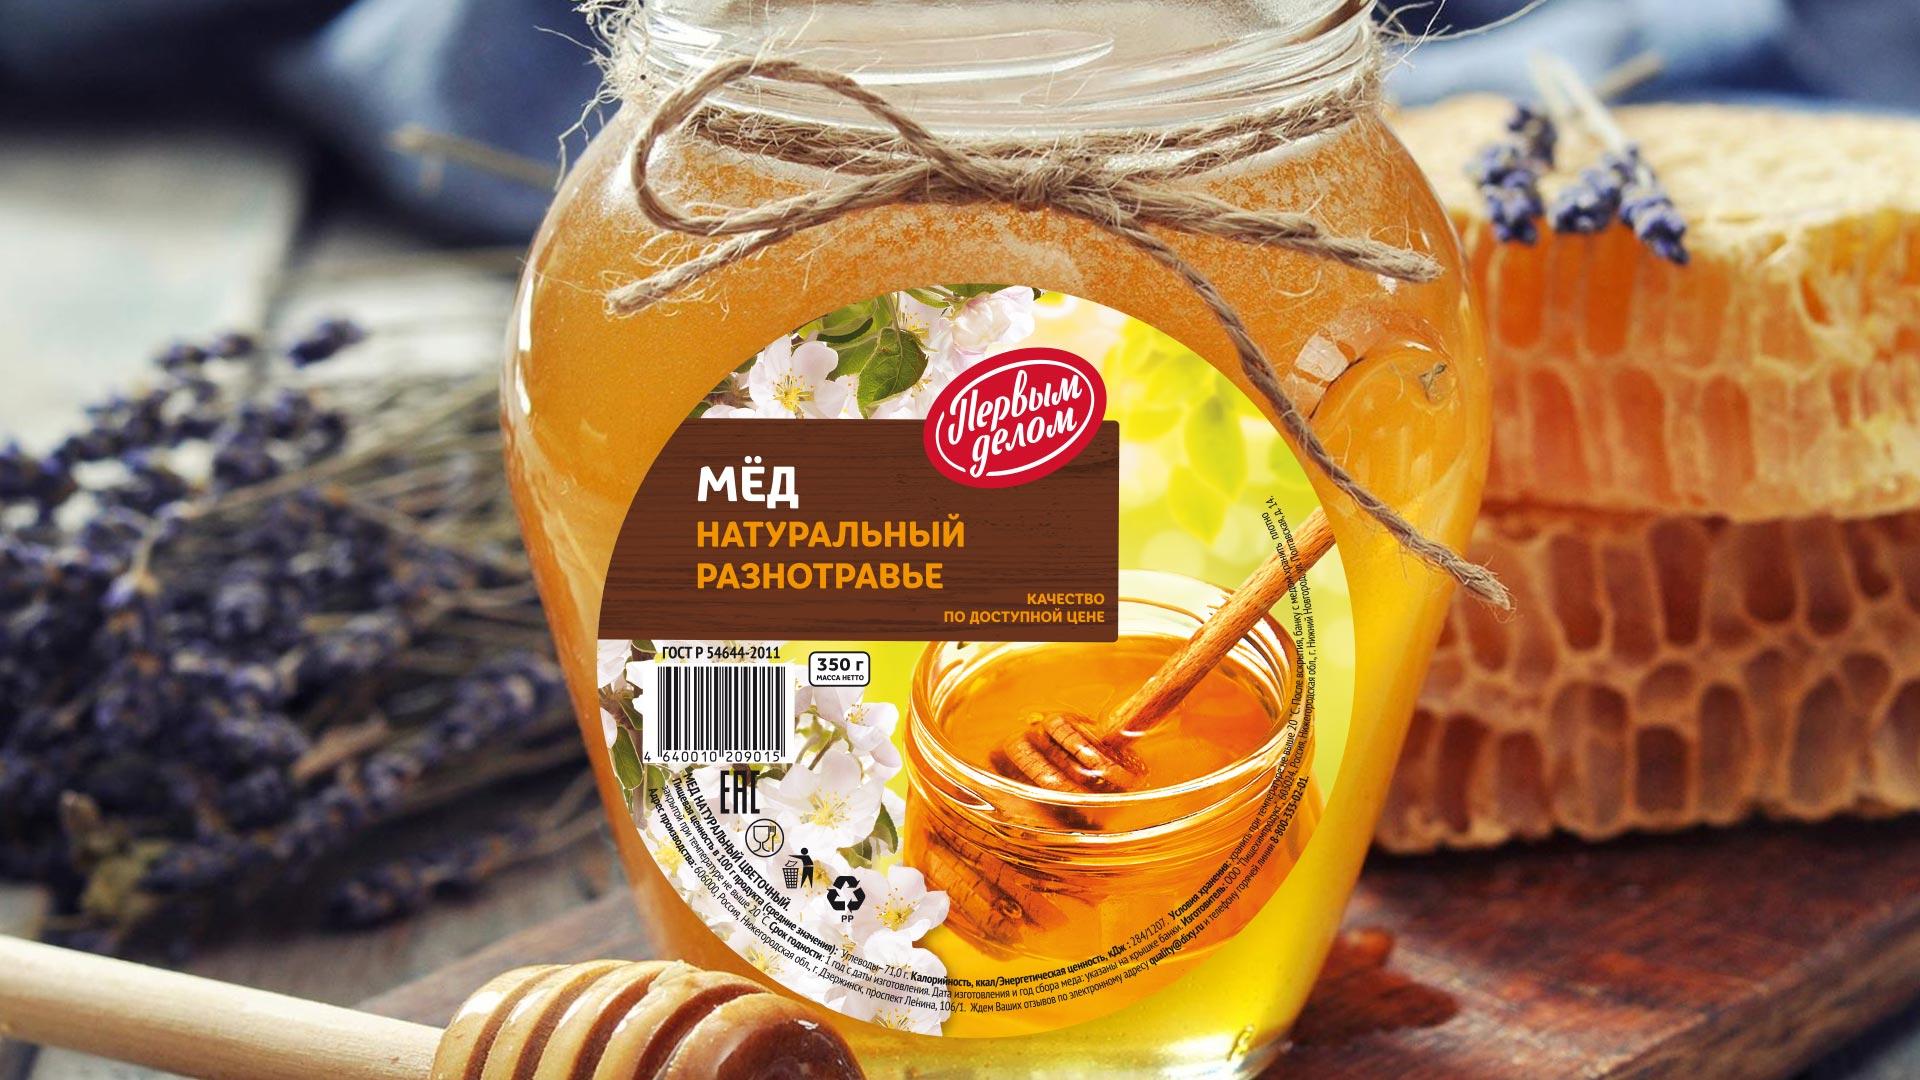 Упаковка меда Первым делом для Дикси